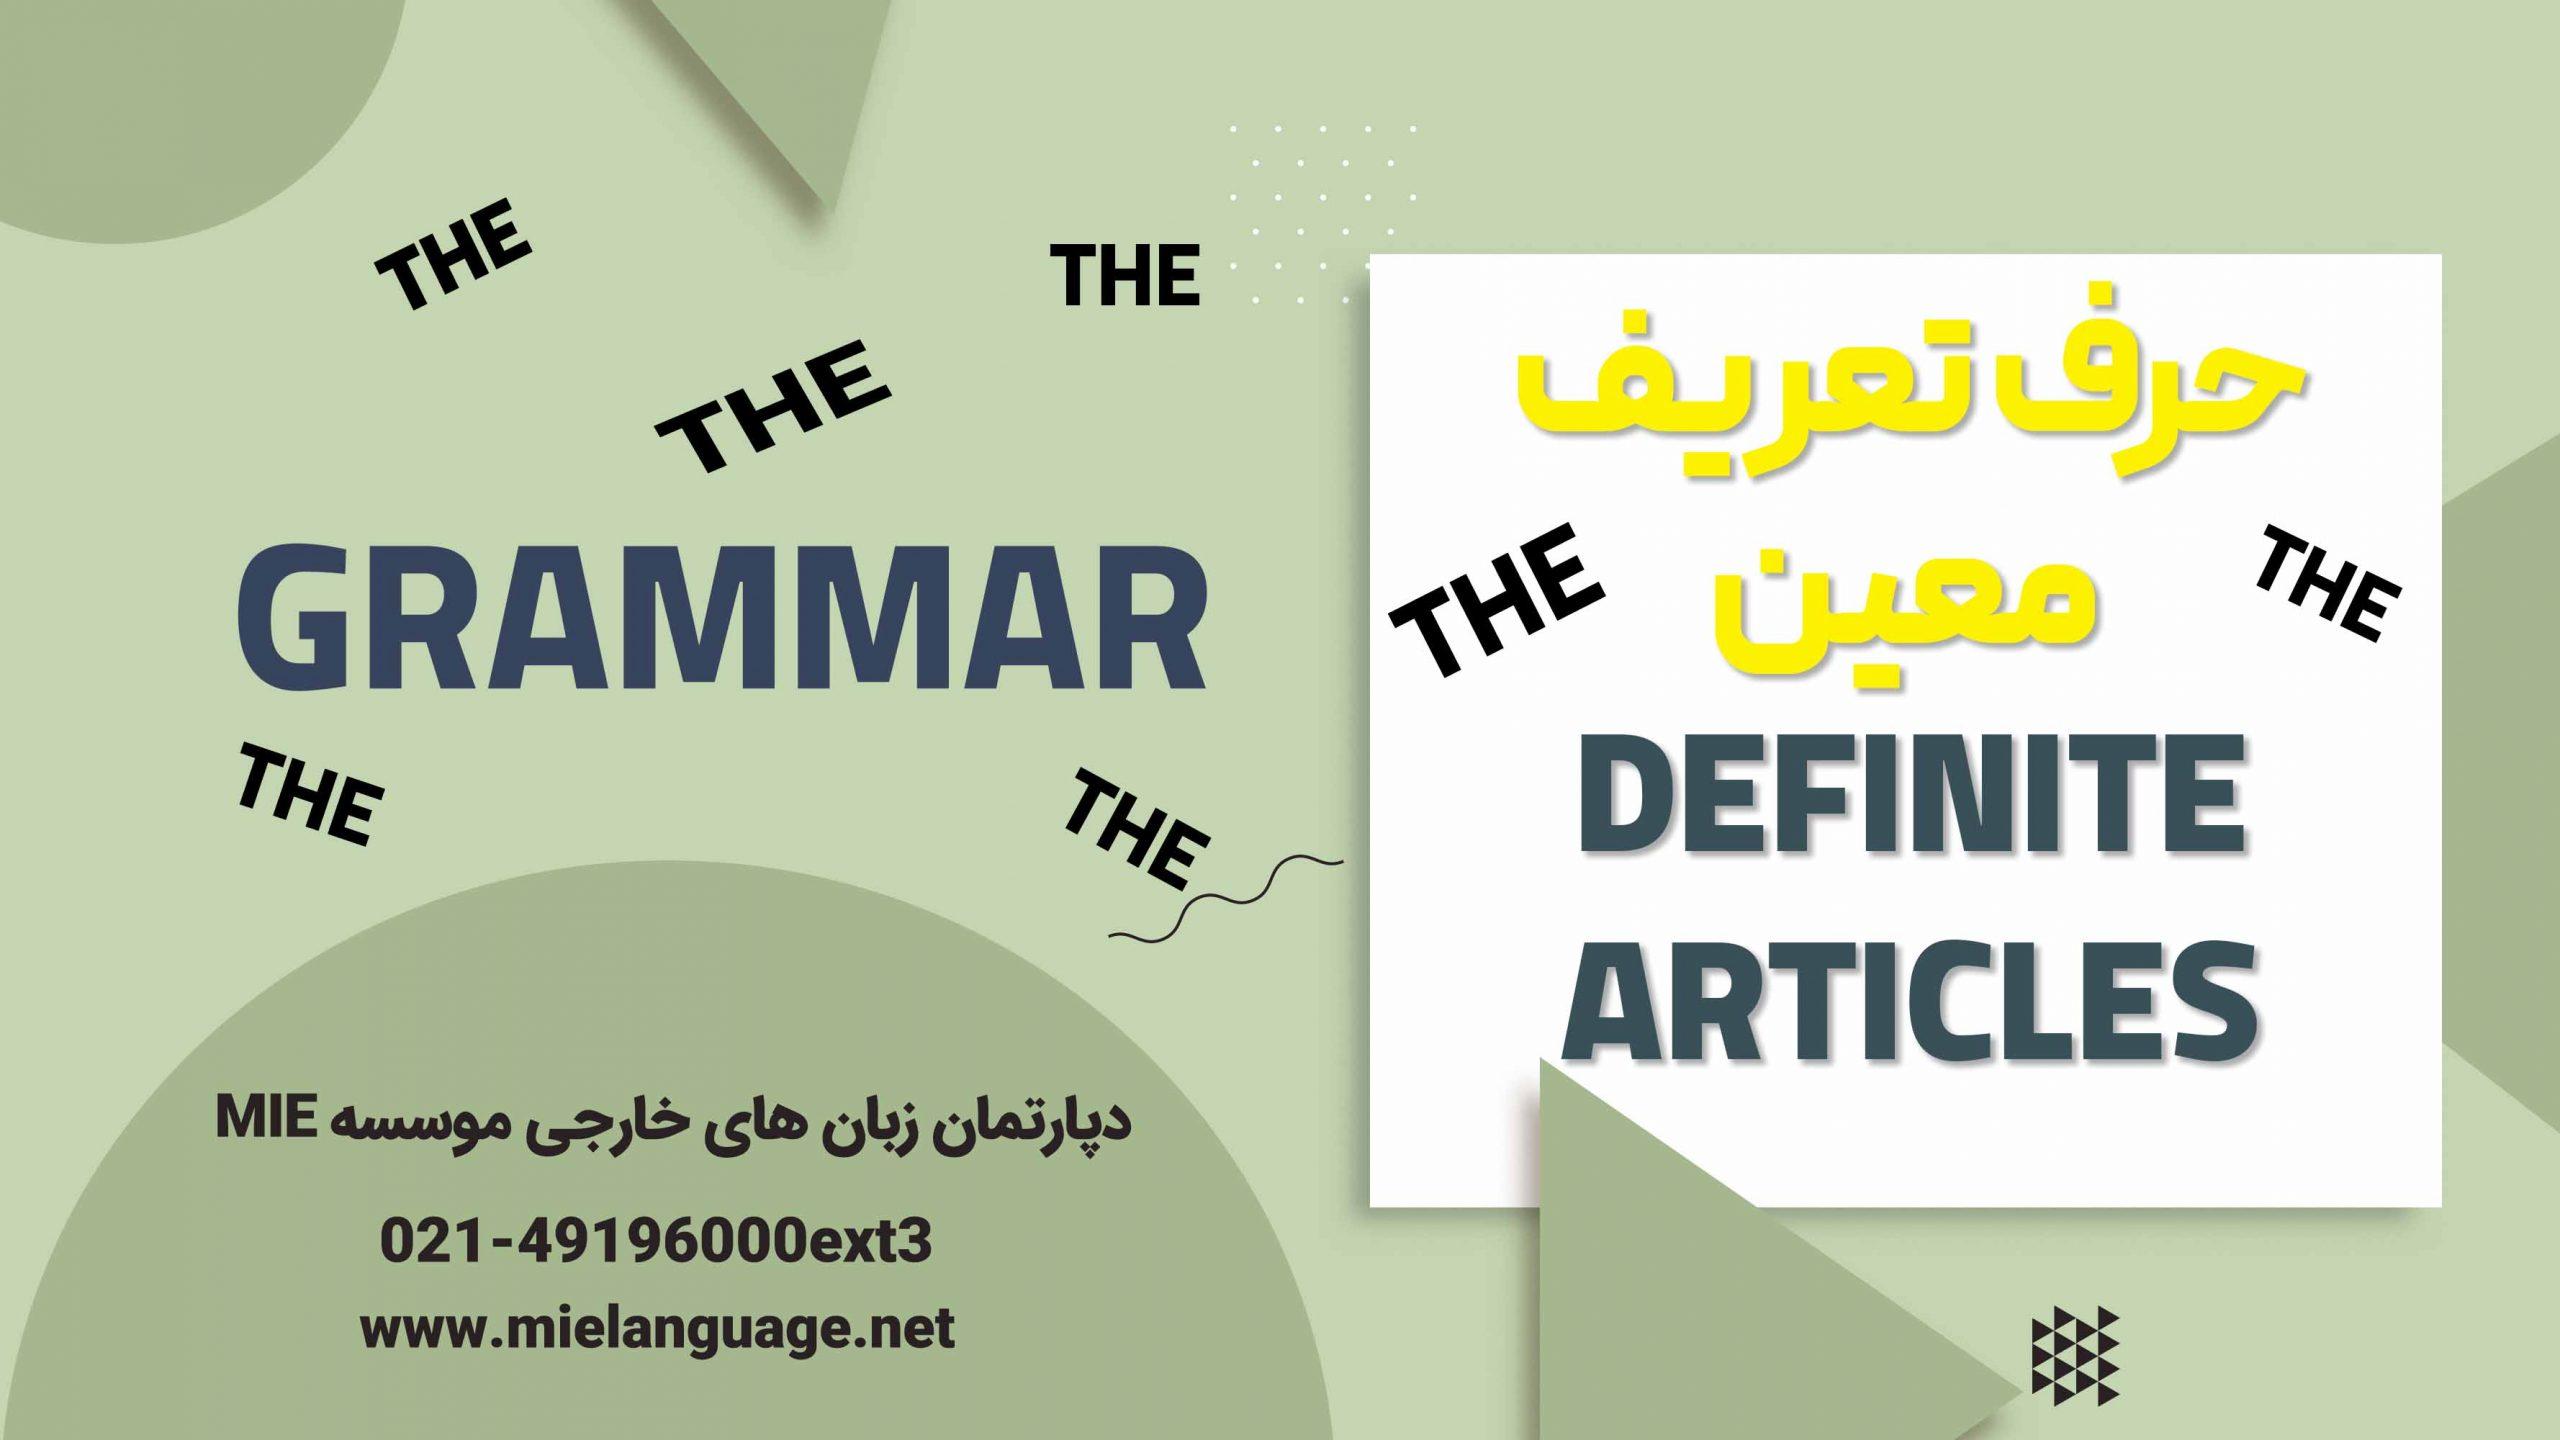 کاربردهای حرف تعریف معین در زبان انگلیسی